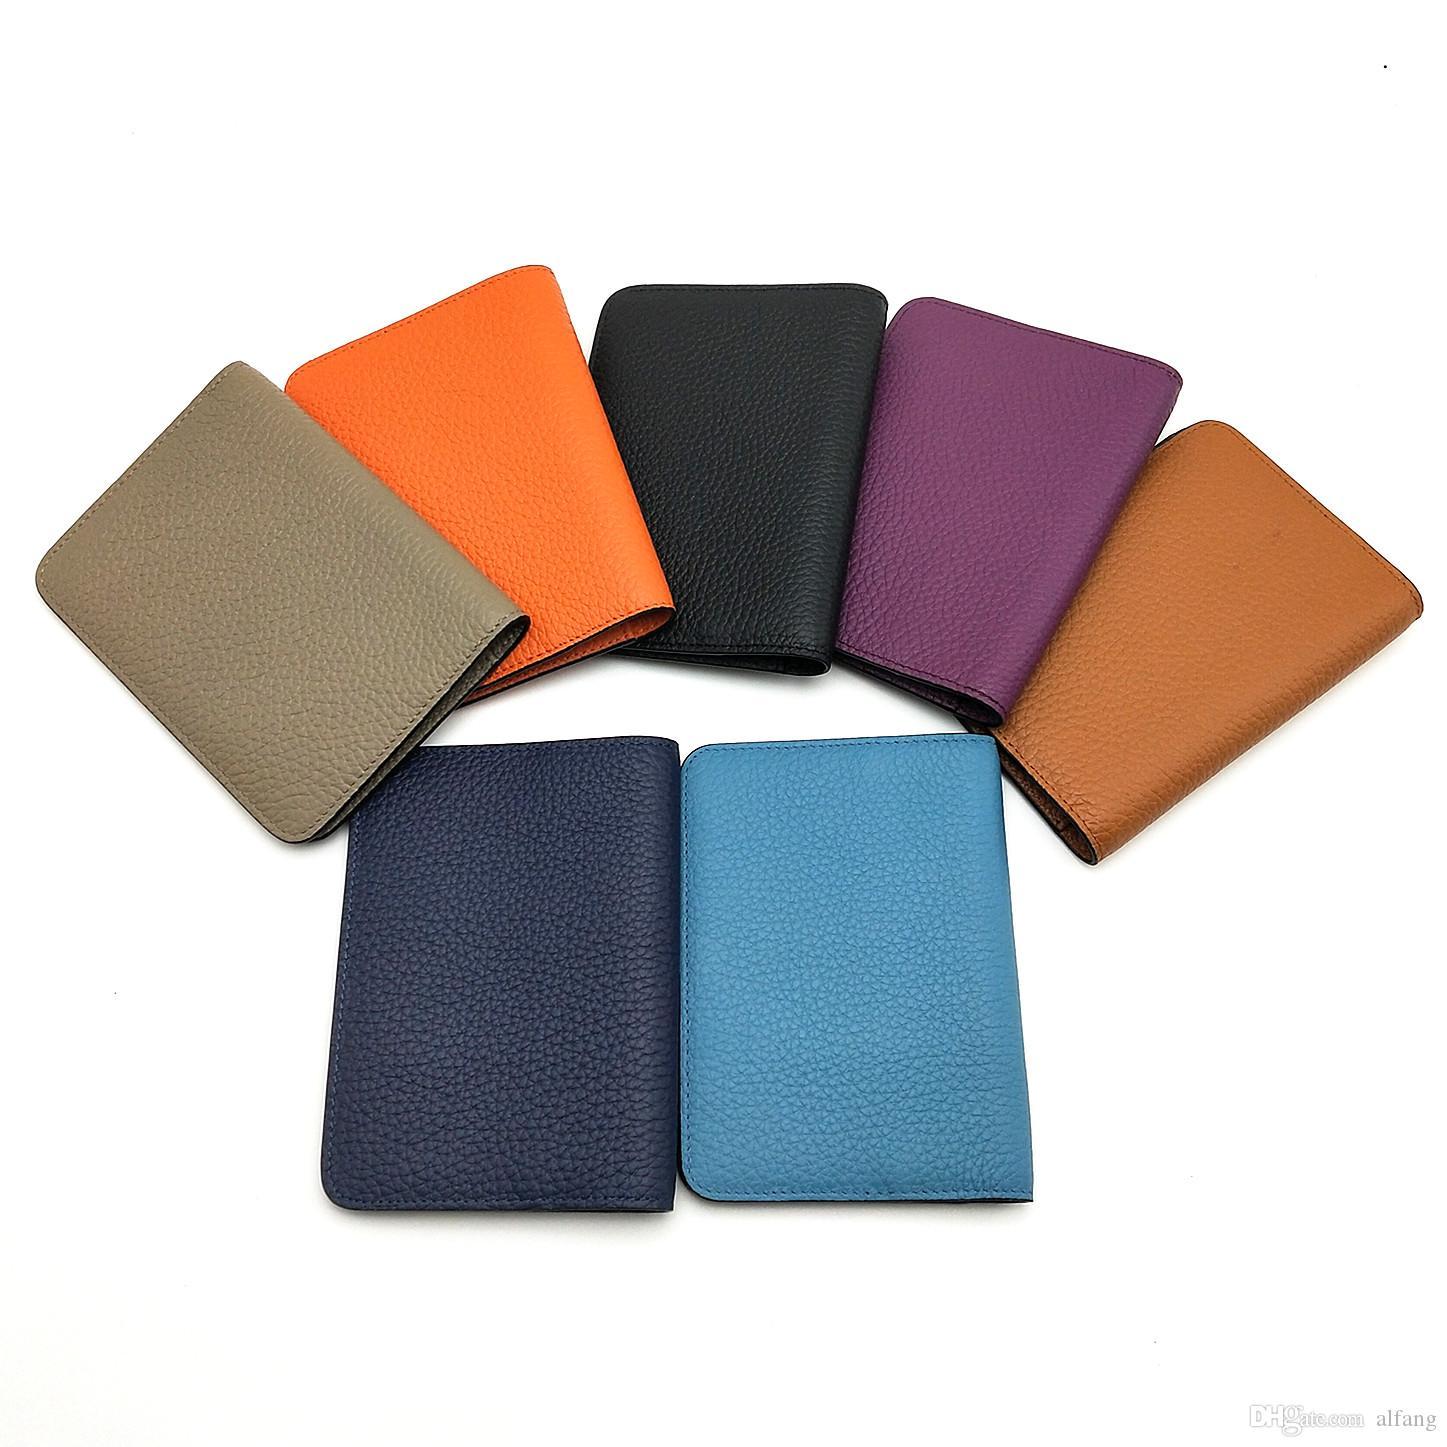 Moda de alta qualidade Passaporte Capa Homens Mulheres de couro real Passaporte Covers ID titular do cartão Porta For Business Travel With Box